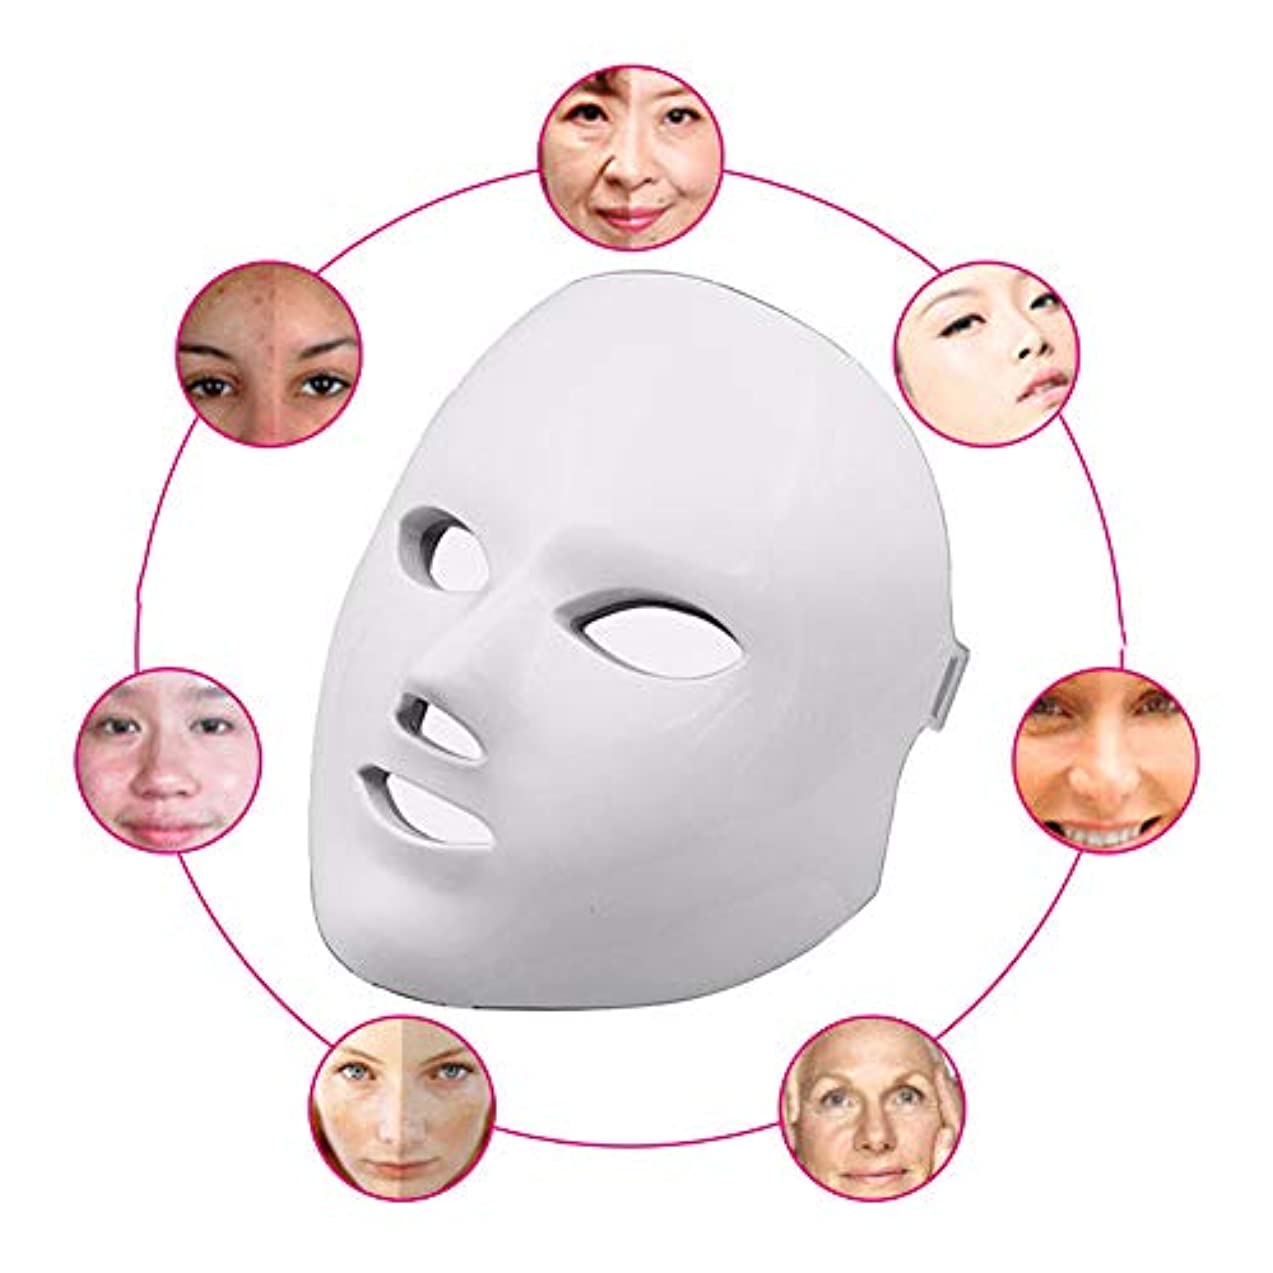 報酬野ウサギ肖像画赤色光光子治療機7色ledマスク再生PDT抗にきびしわ顔の美しさマッサージツール,White